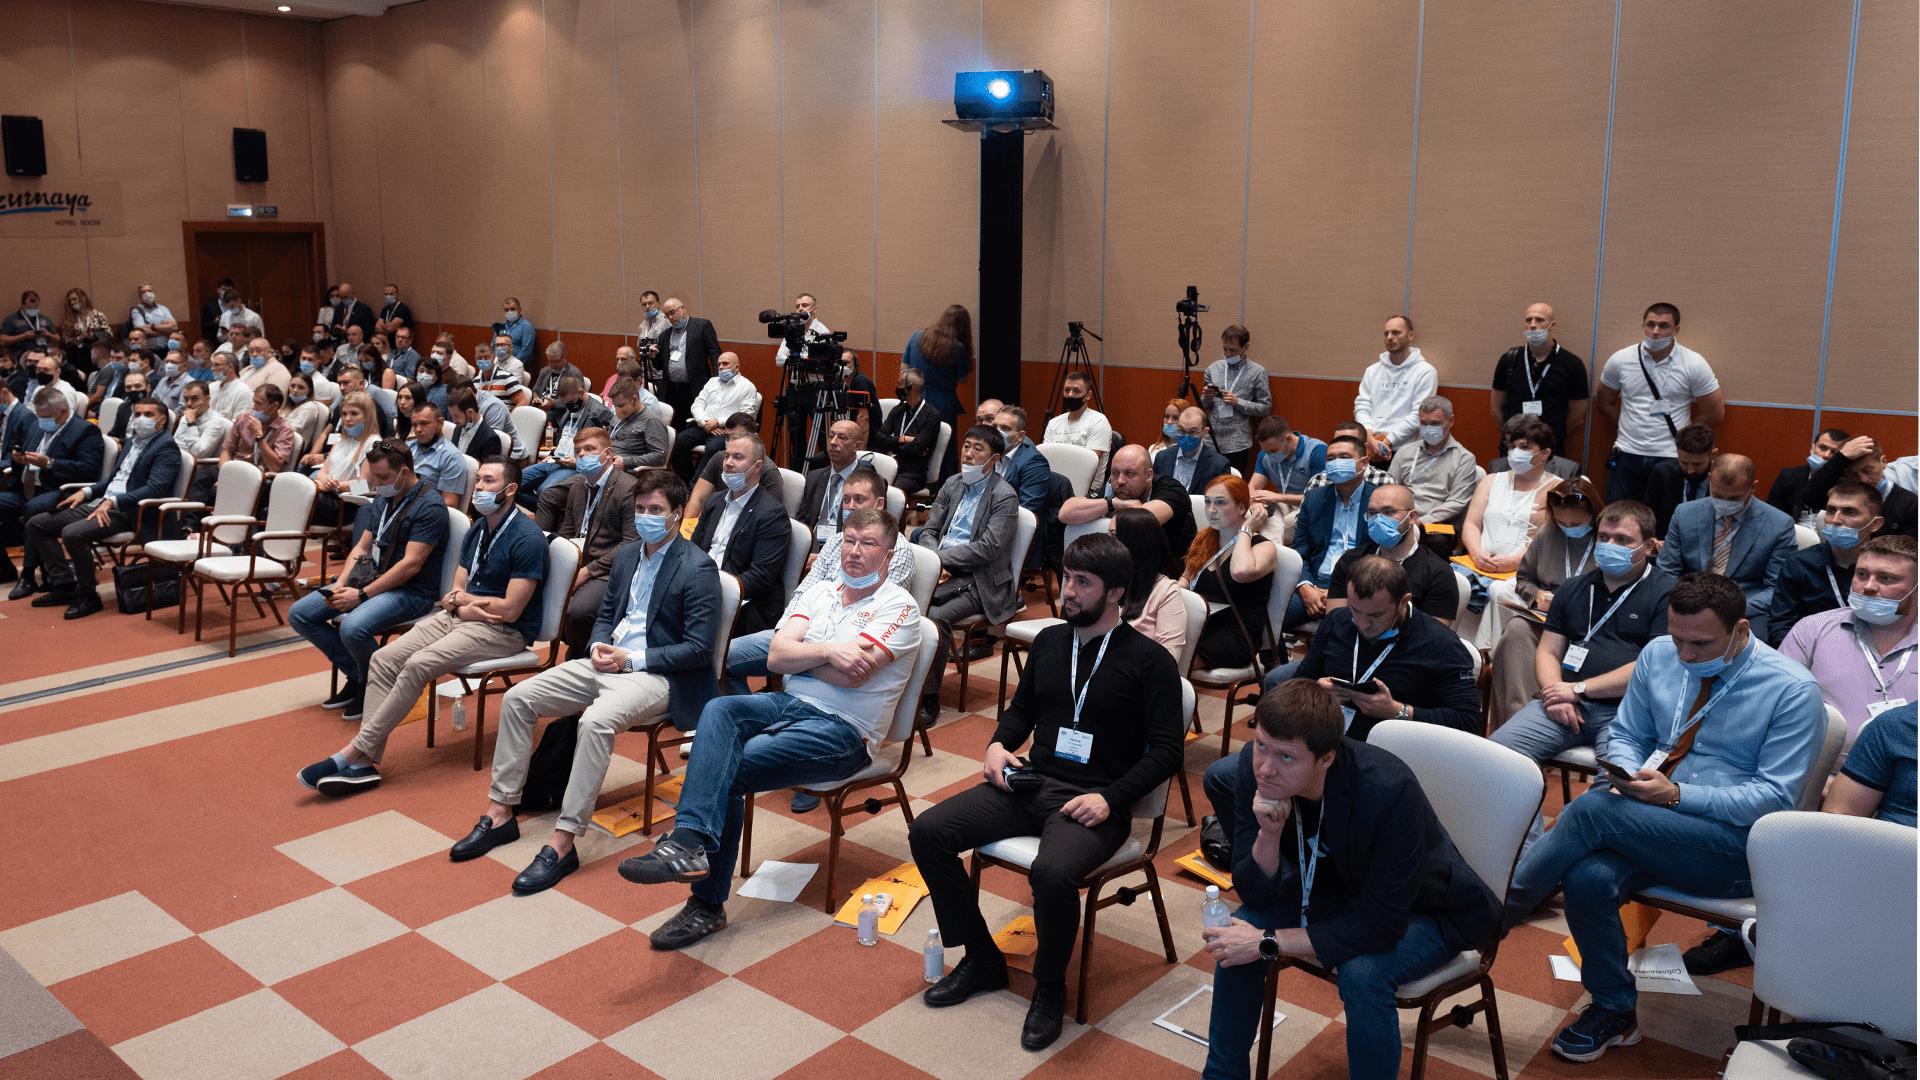 Итоги Всероссийской конференции TAXI-2020 в Сочи